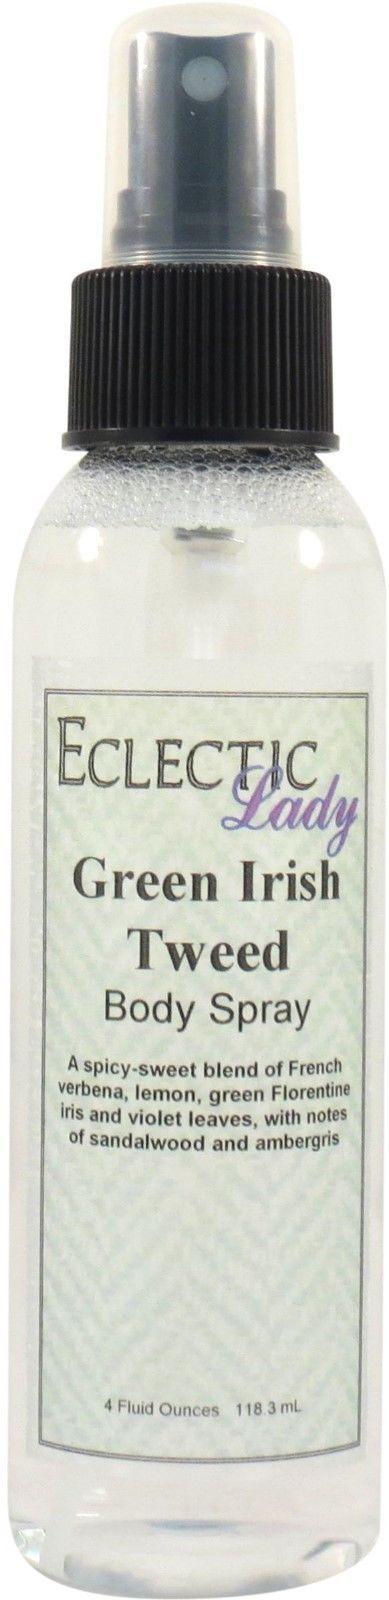 Green Irish Tweed Body Spray